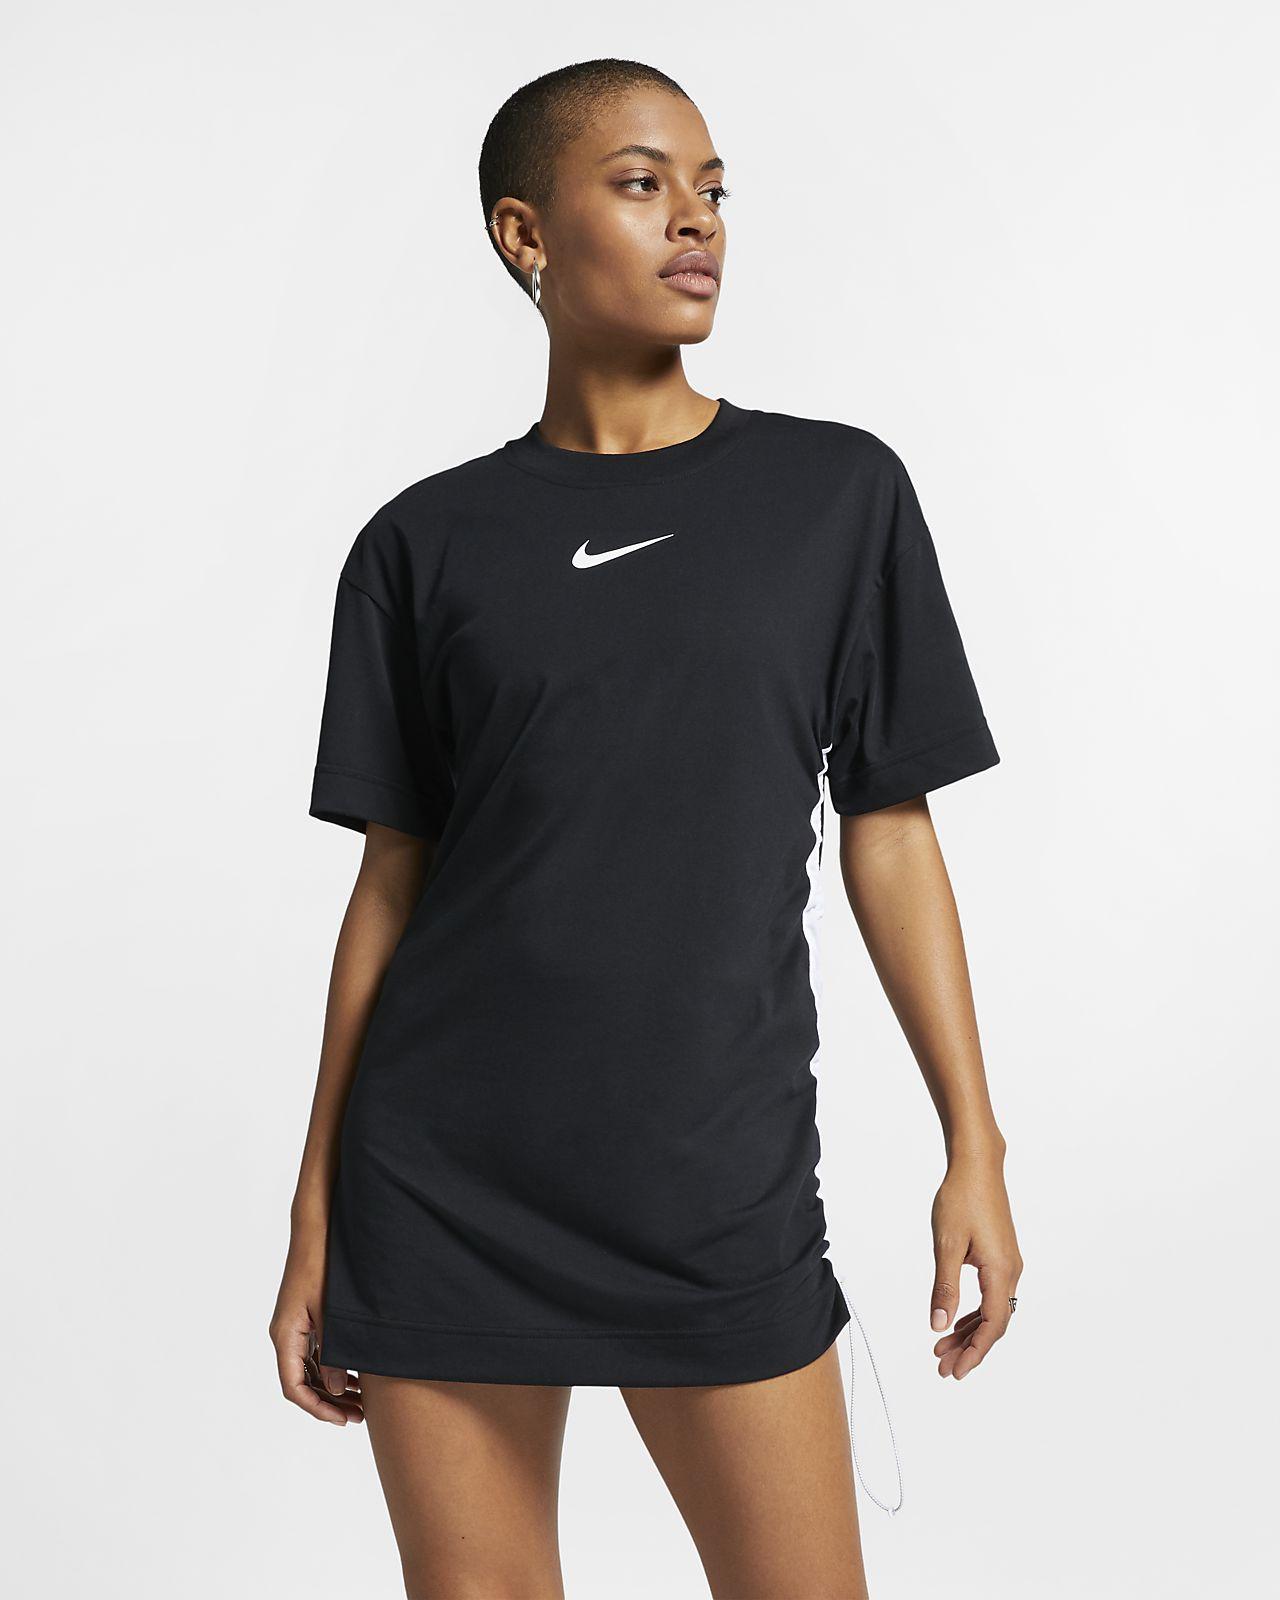 Nike Swoosh Sportswear Nike JurkNl Swoosh Sportswear Nike JurkNl Sportswear wlkiTPuOXZ